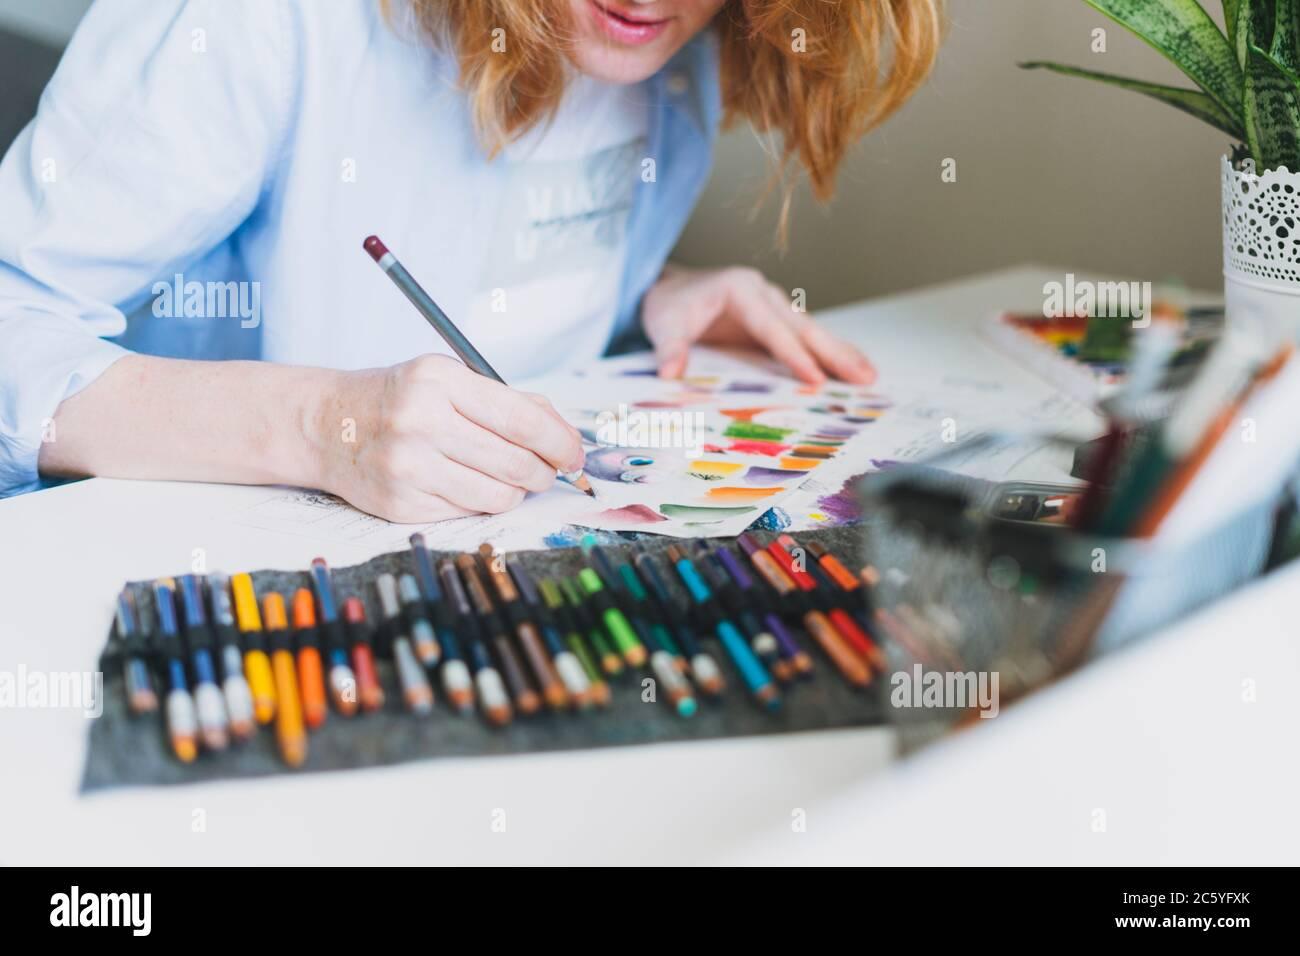 Rognez la photo de la jeune femme avec un illustrateur de cheveux rouges, l'artiste dessine à un bureau à la maison Banque D'Images